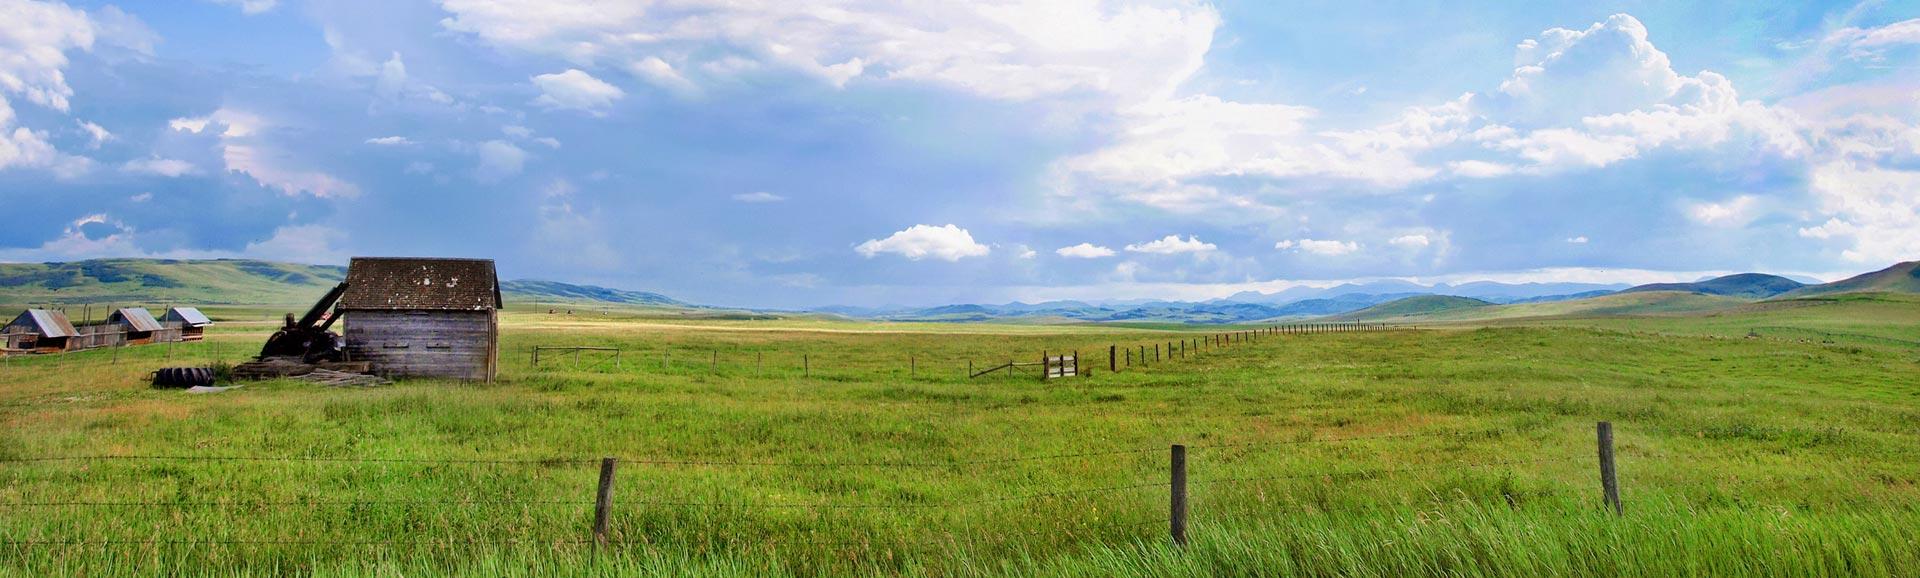 Prärielandschaft in Alberta, Kanada.